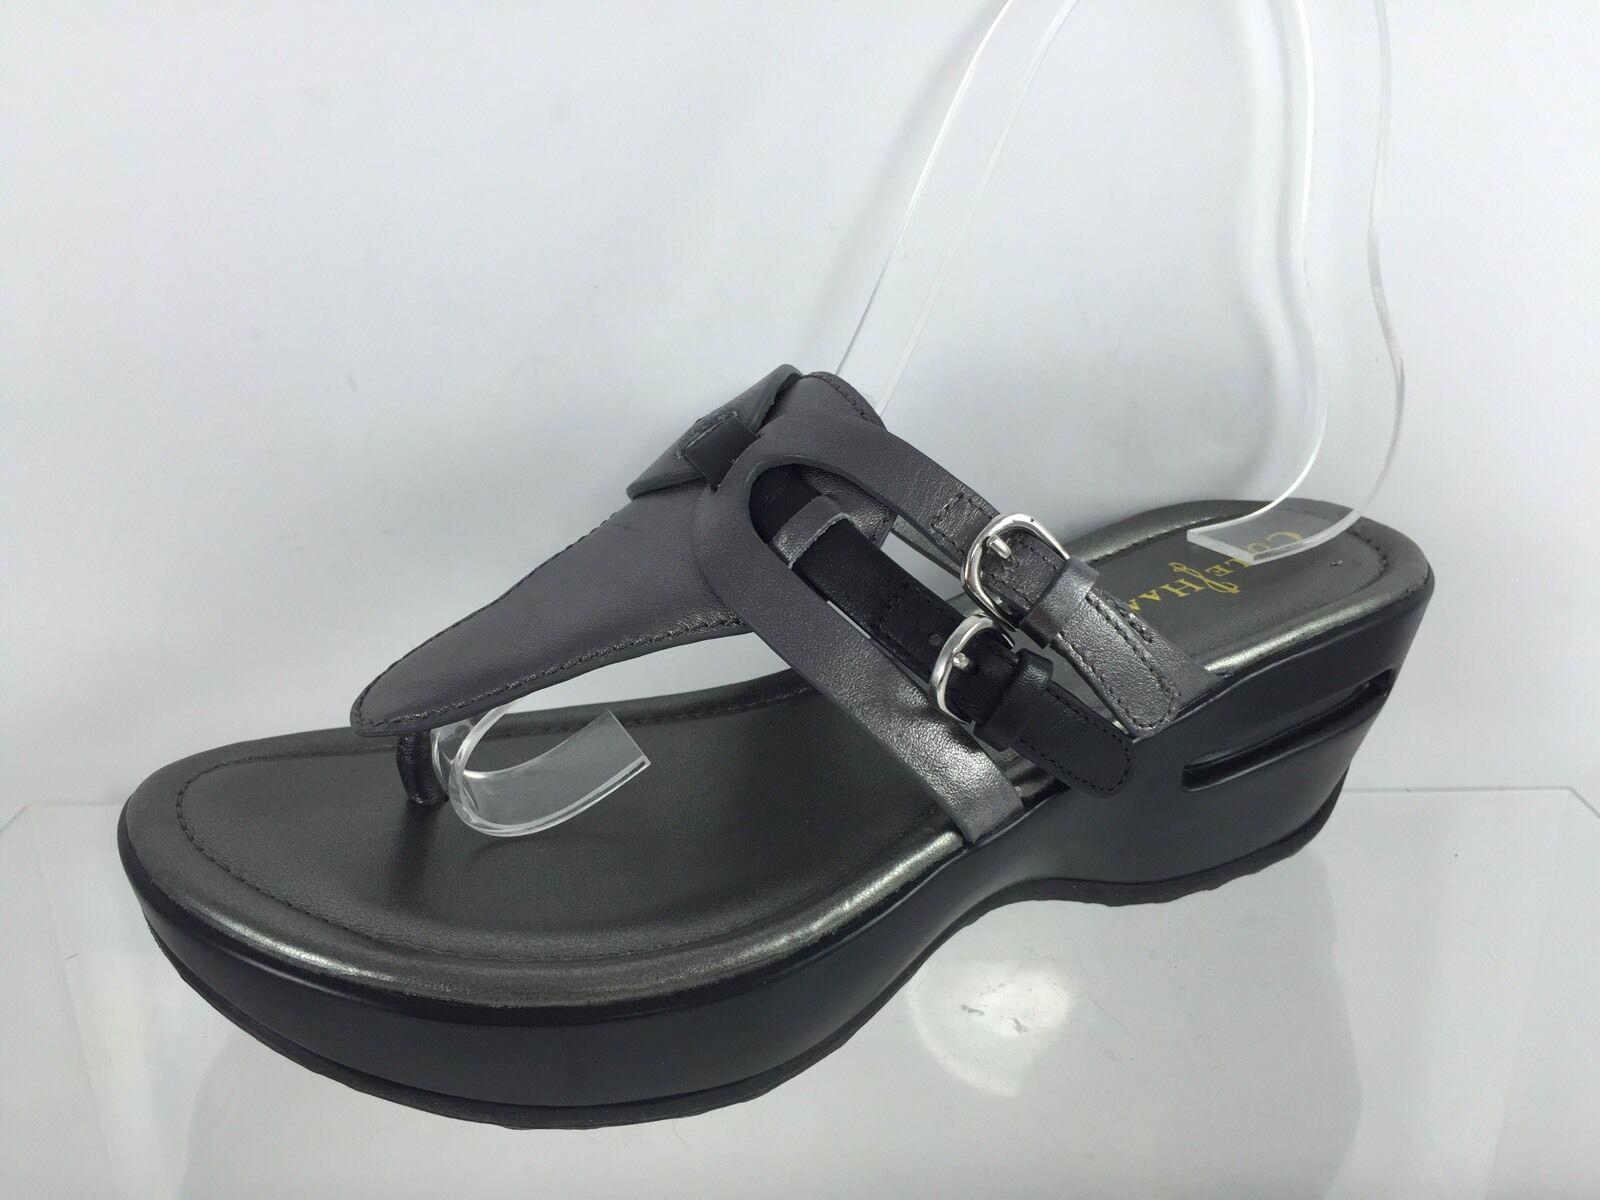 Cole Haan Damenschuhe Silver Leder Flip Flops 5 B